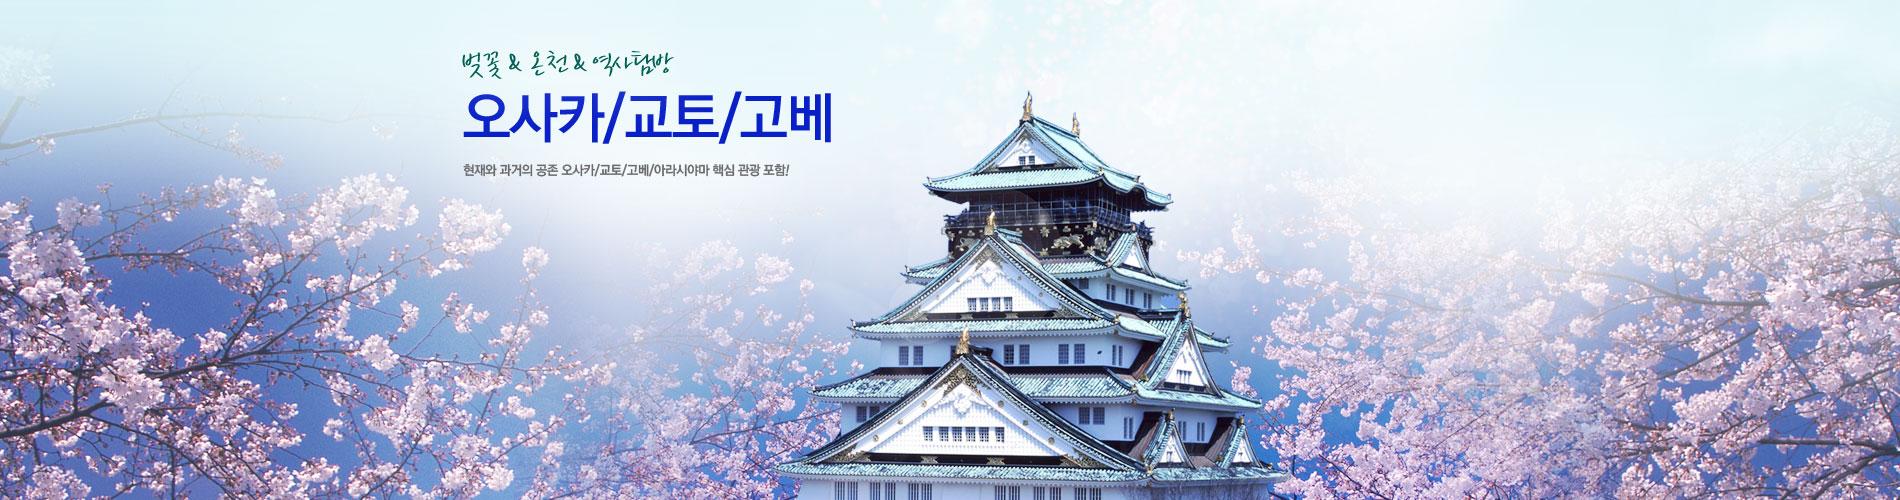 [벚꽃,온천,역사탐방] 오사카